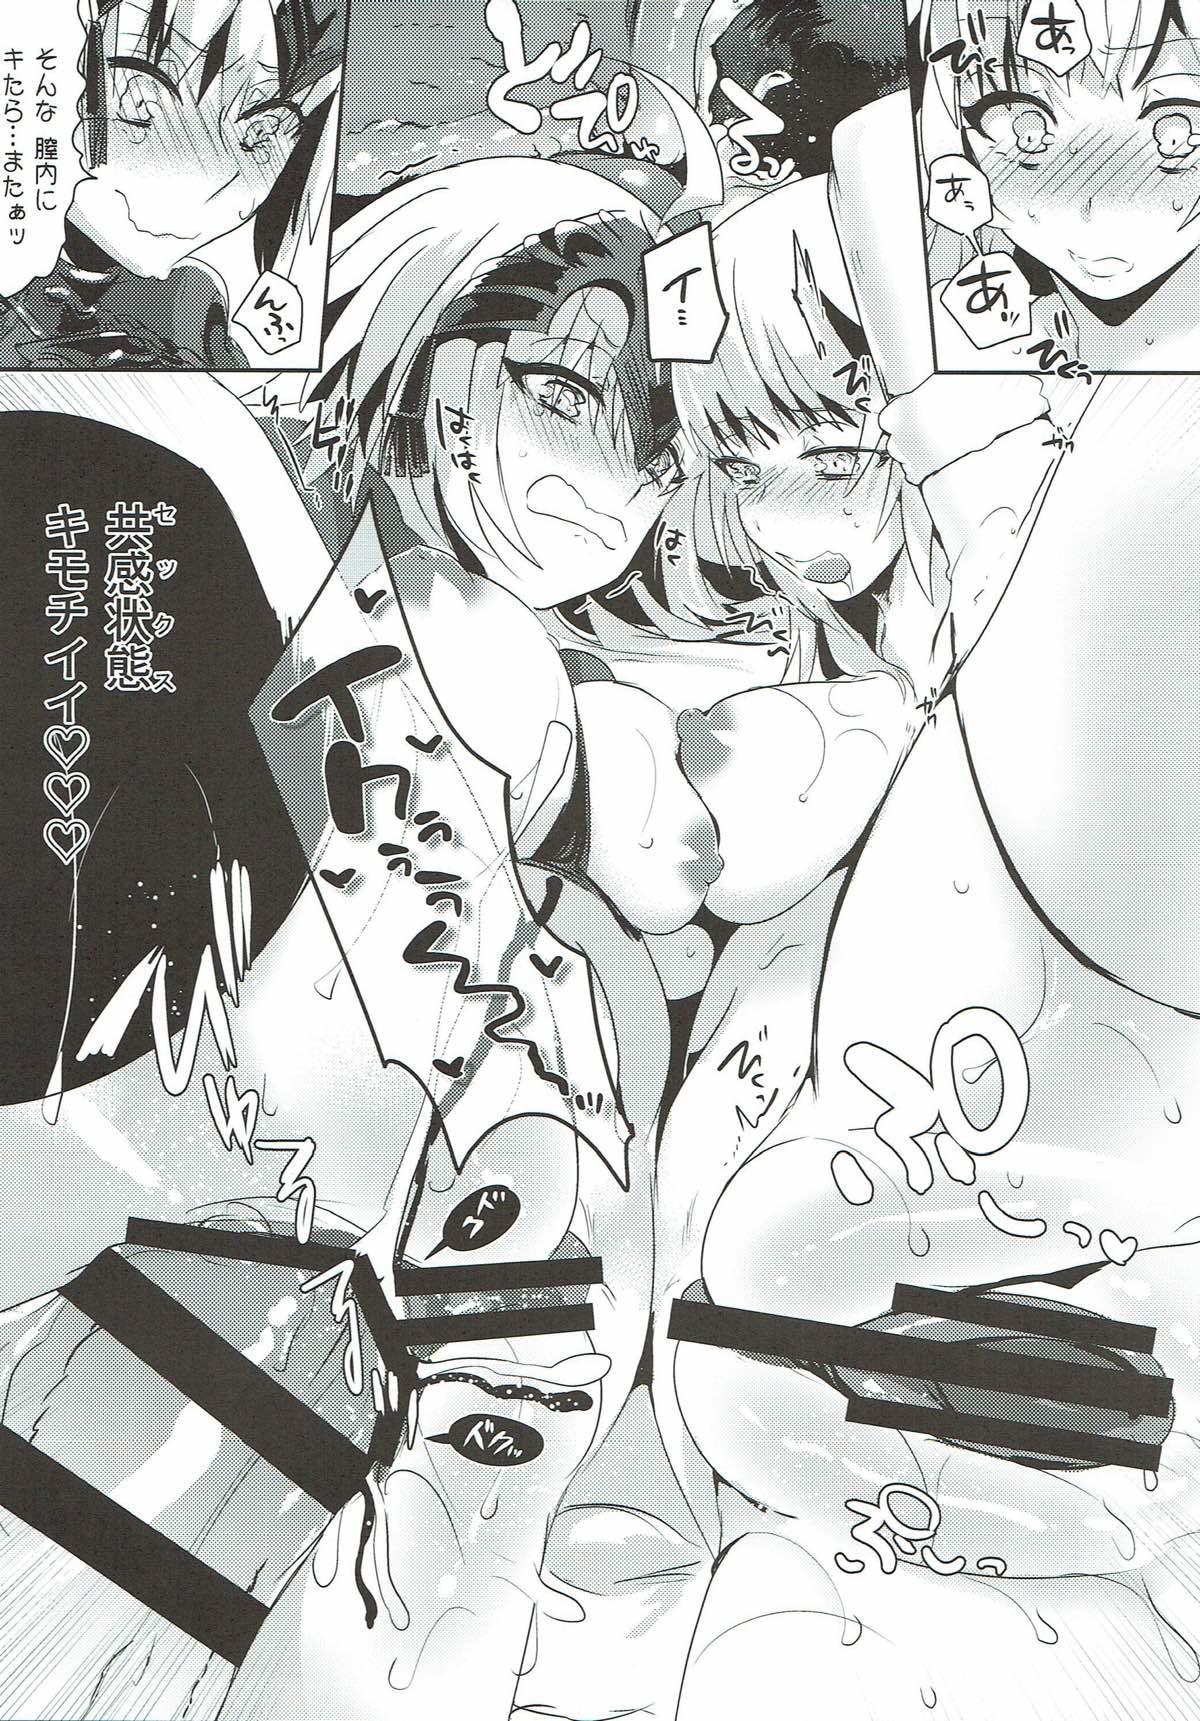 【エロ同人誌】ツンデレ邪ンヌと絆をあげたいマスターが聖女様の提案でセックスによる3p乱交生挿入中出しで絆をあげていくwww【C93/Fate Grand Order】